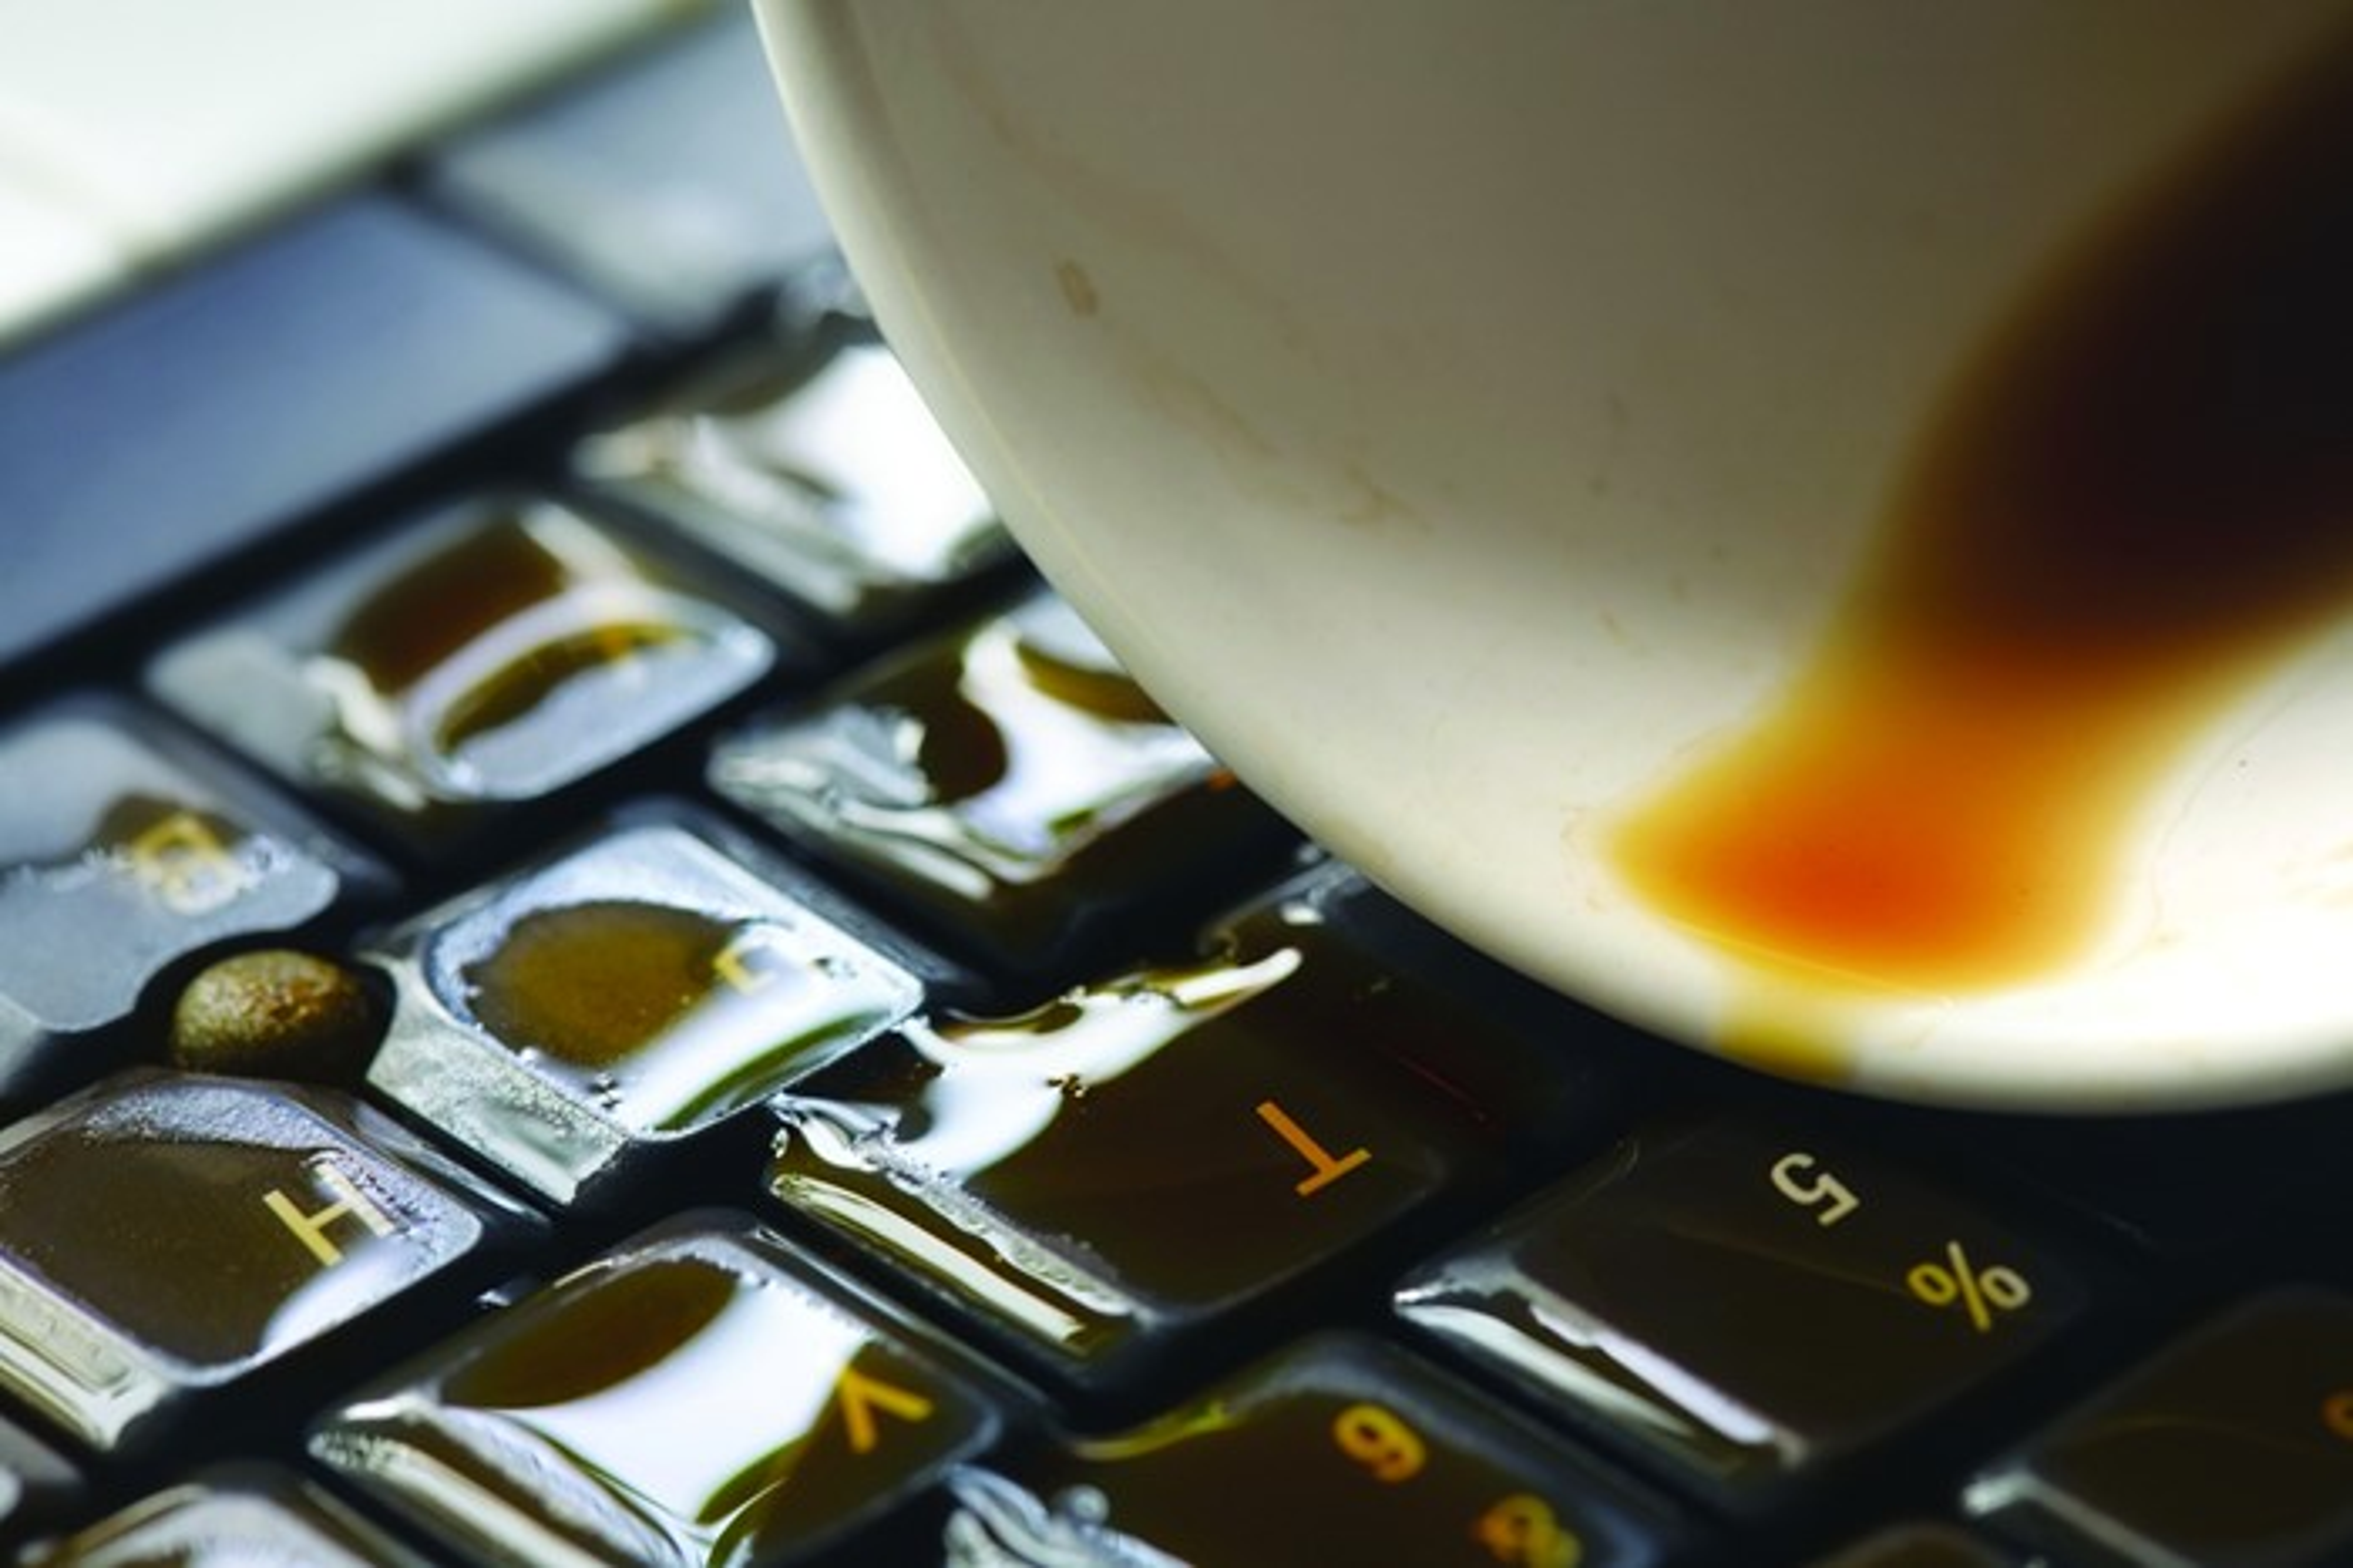 Um perto de uma xícara de café